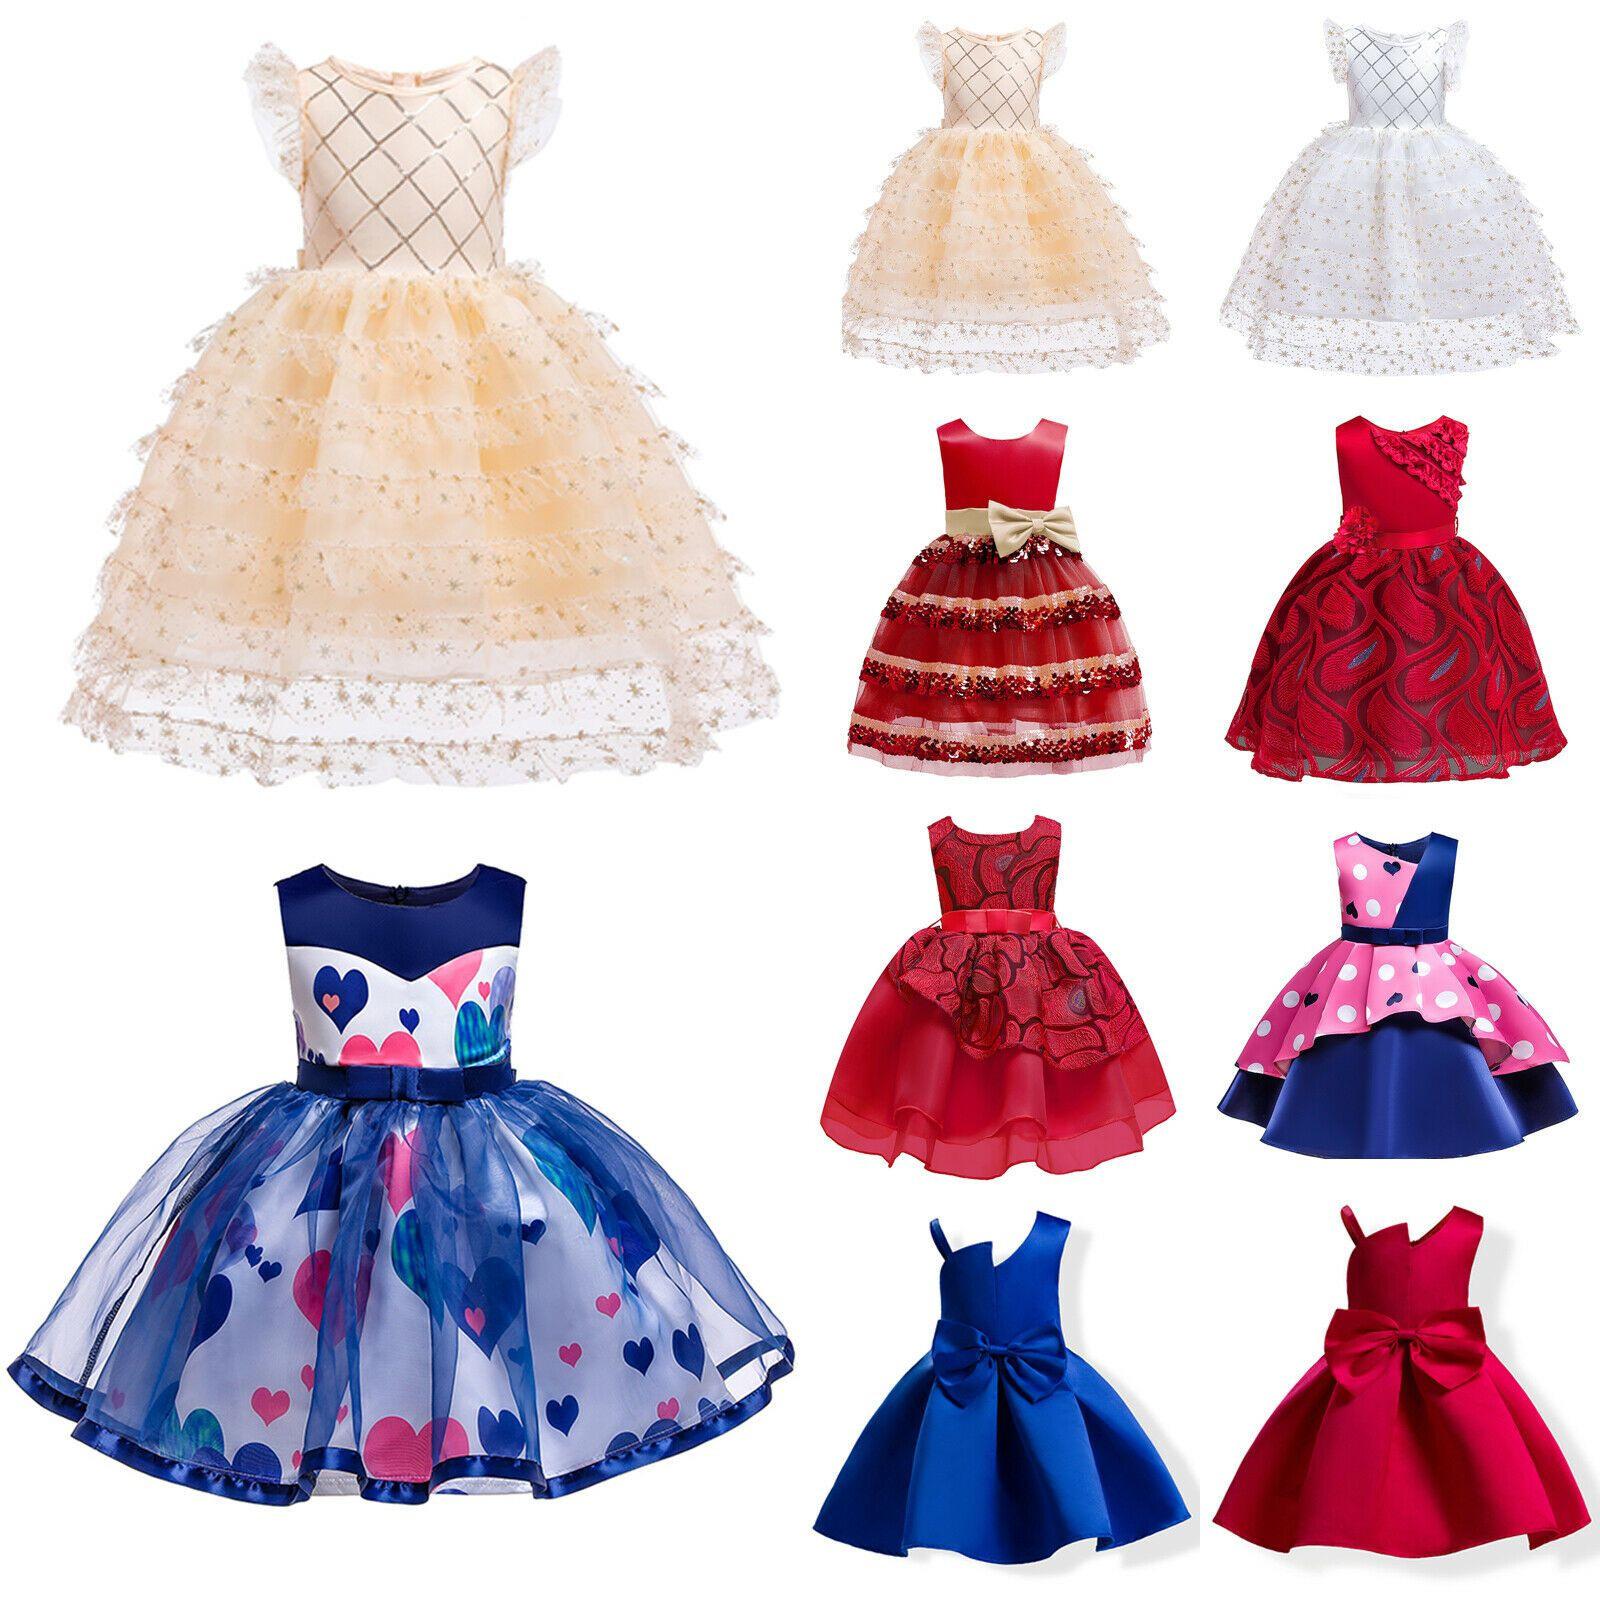 Kinder Mädchen Prinzessin Partykleid Tüll Kleider Hochzeit